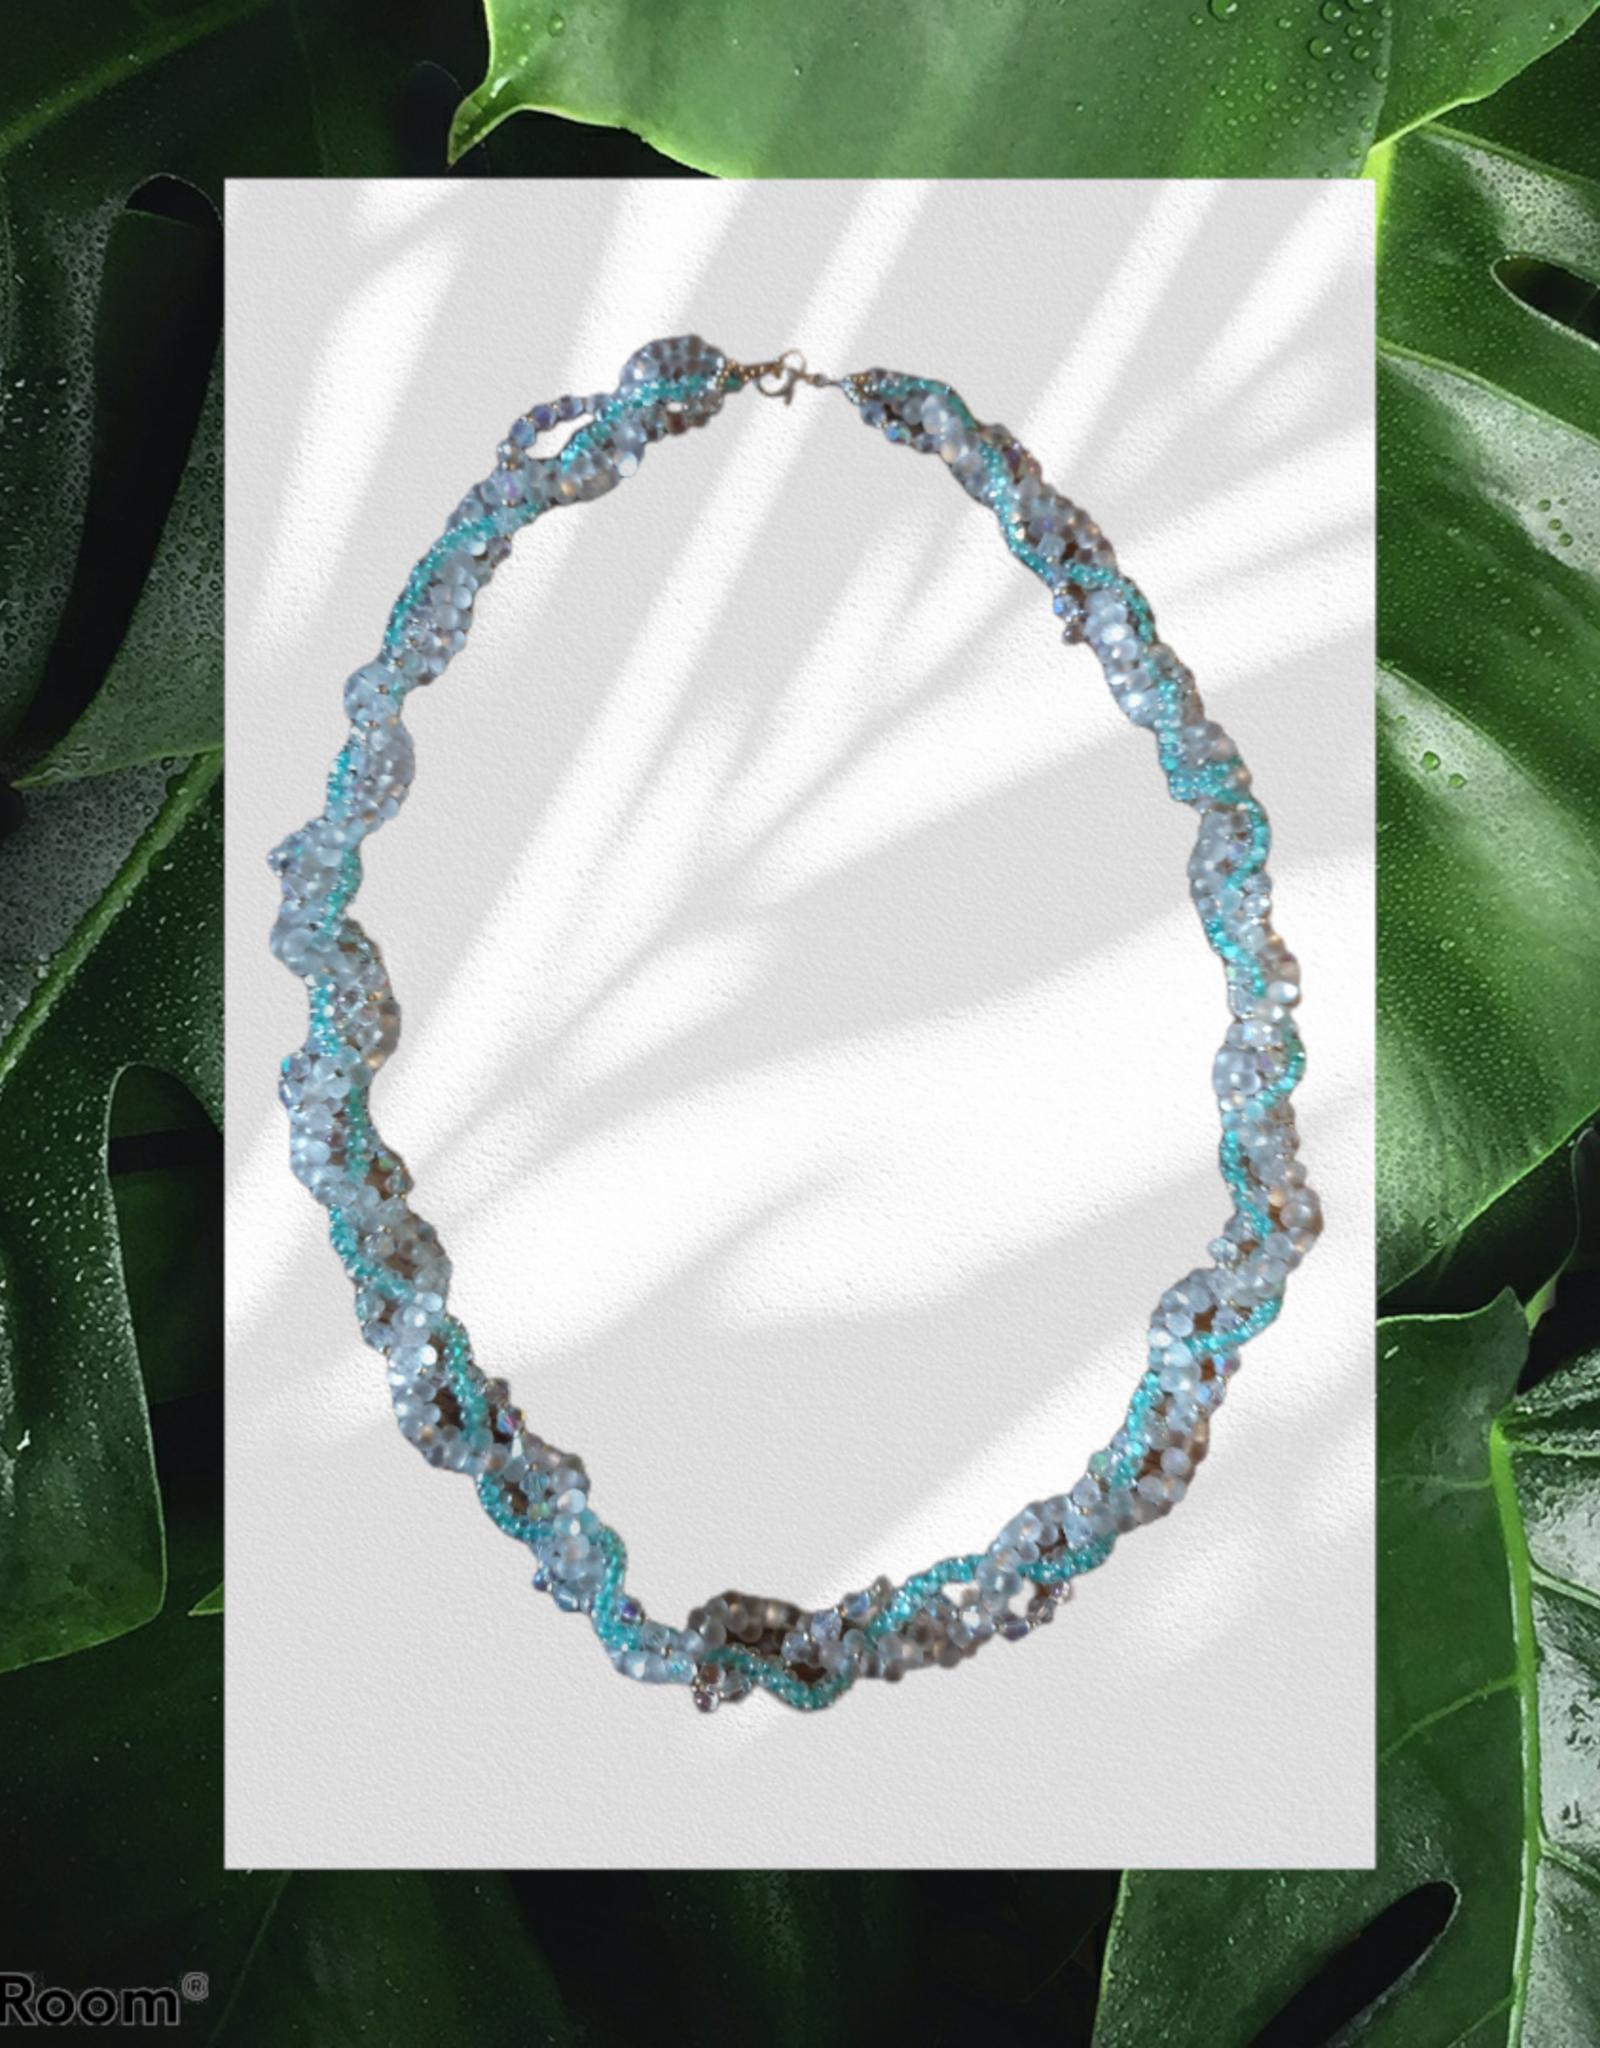 seazido - wevyra necklace in beautiful glass beads